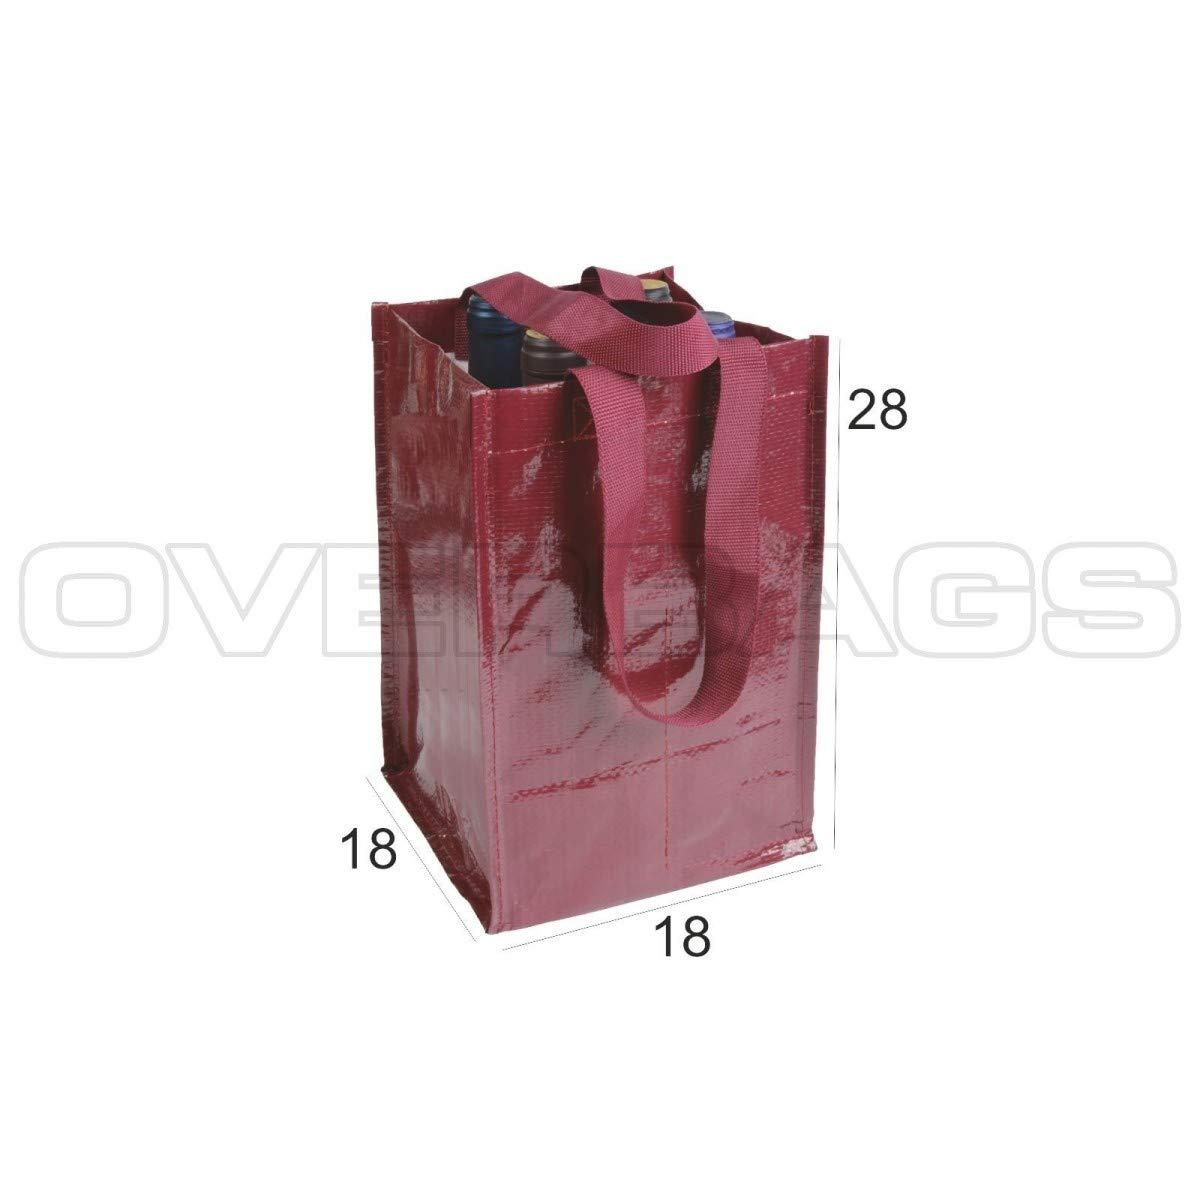 OverBags Borsa Porta 4 Bottiglie in Polipropilene Laminato CM 18X18X28 Manici Piatti Bordeaux